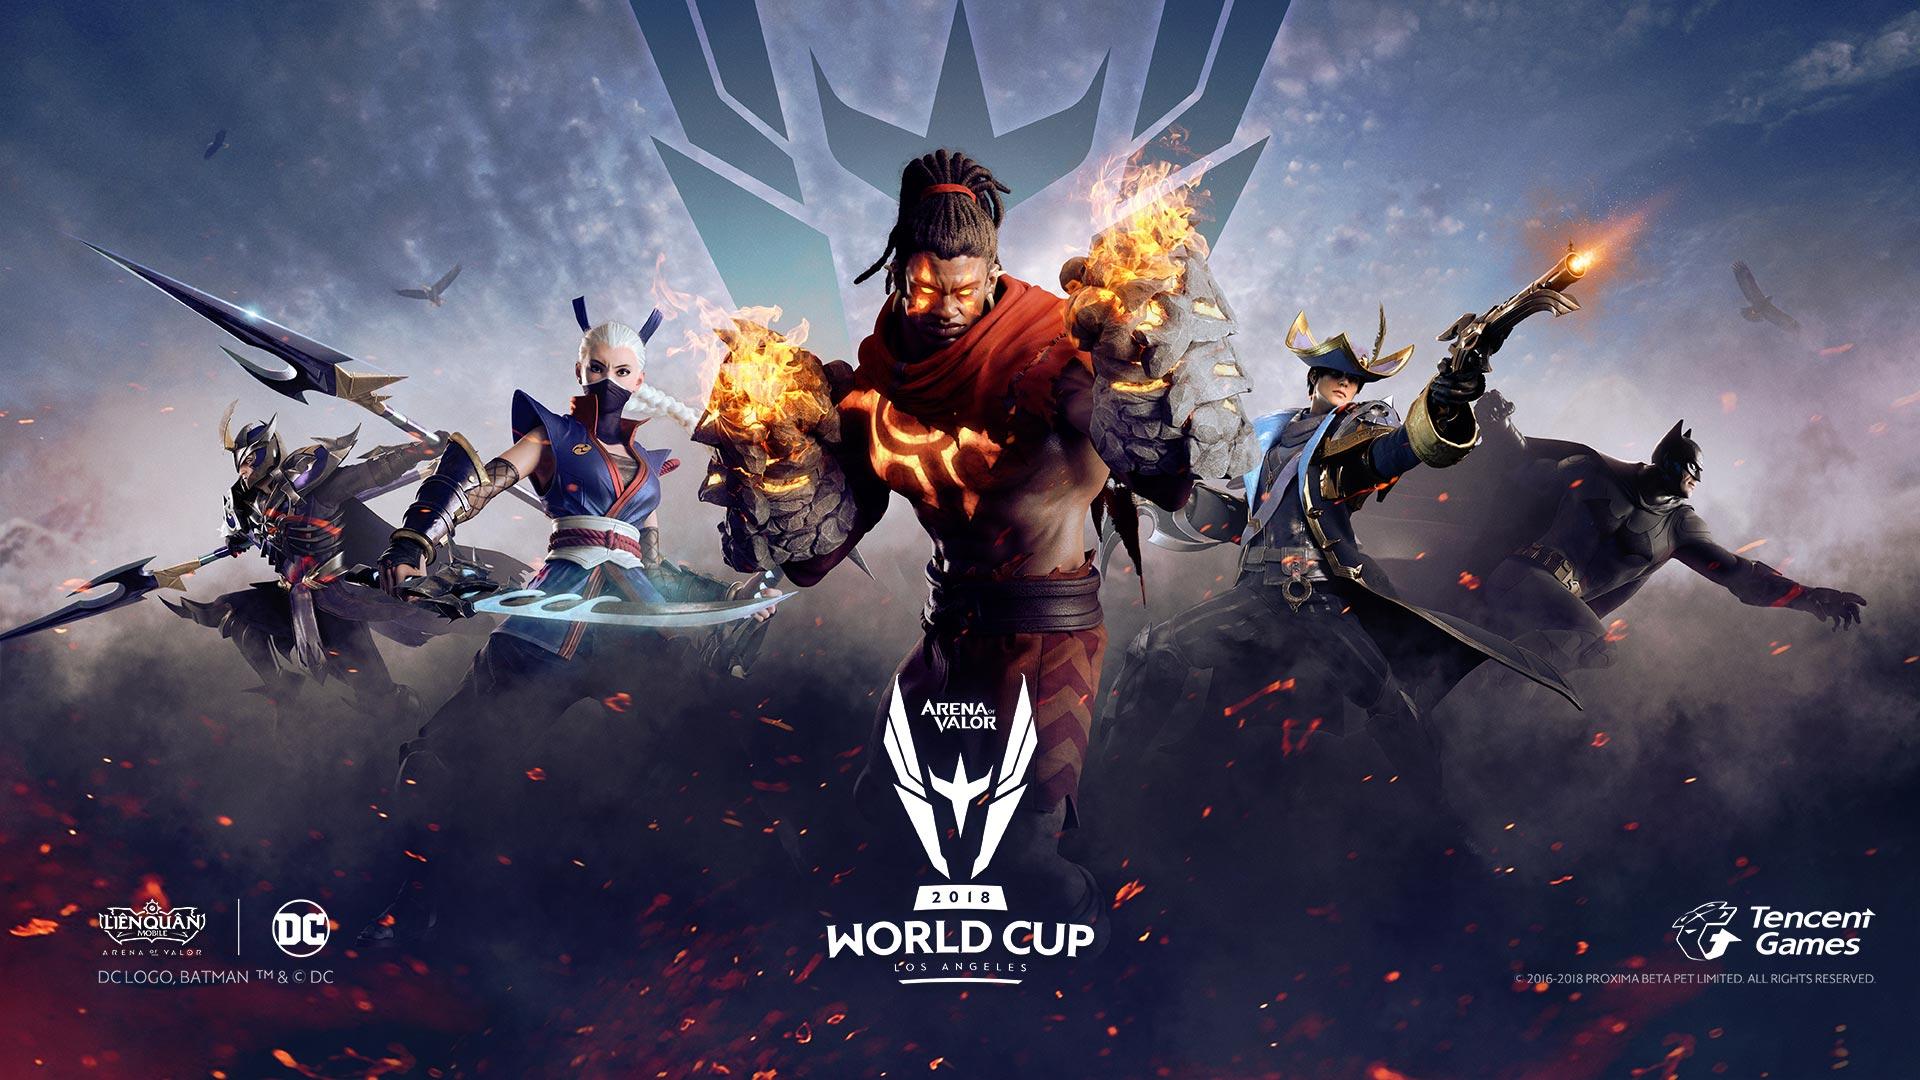 Giải quốc tế AIC 2018 hứa hẹn sẽ thành công và phá vỡ nhiều kỷ lục hơn nữa so với AWC 2018